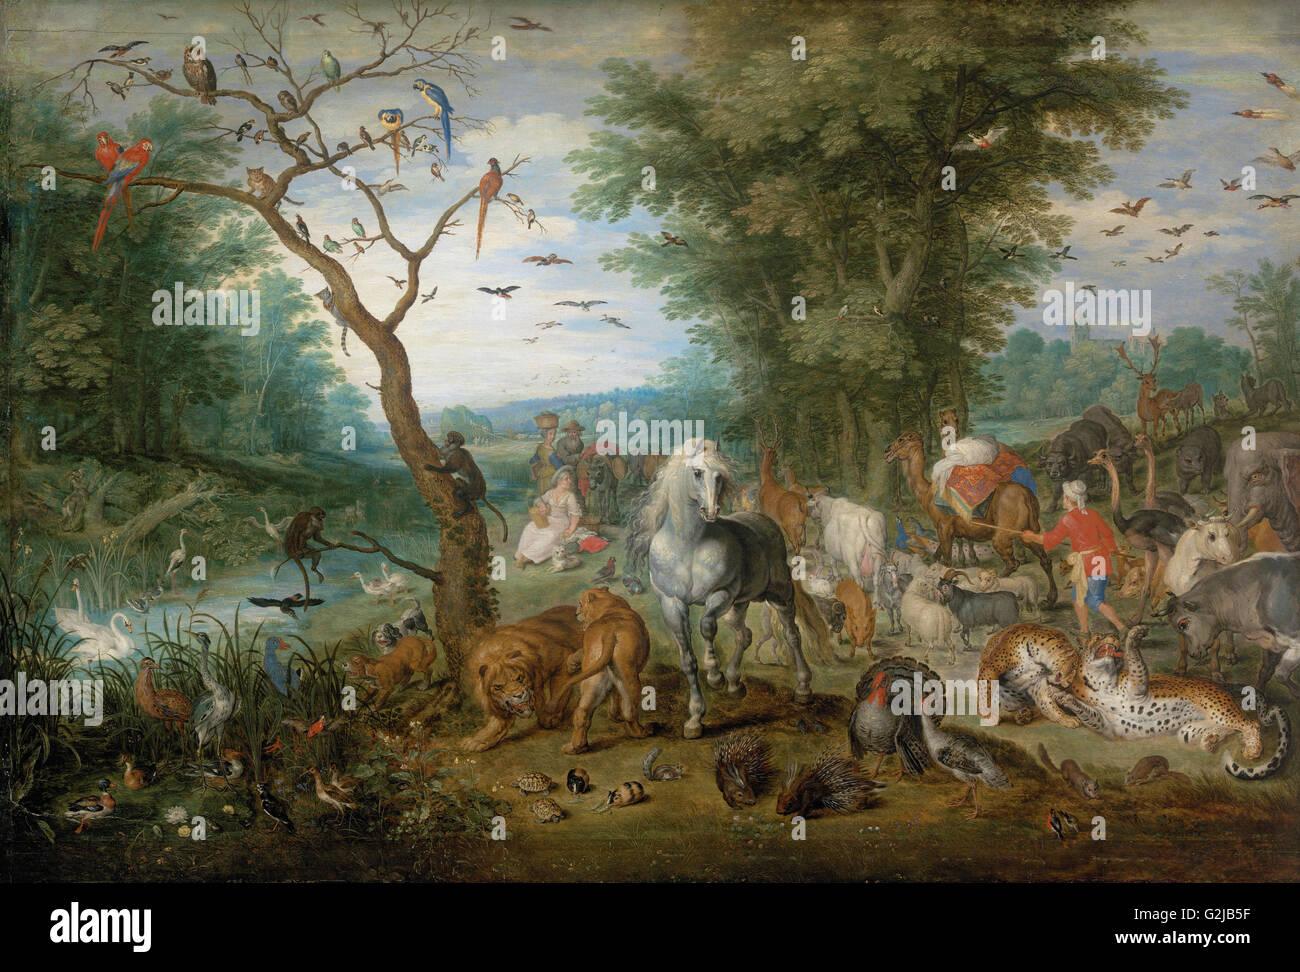 Jan Breughel Ii - Paradiso paesaggio con animali - Museo di Belle Arti di Budapest Immagini Stock